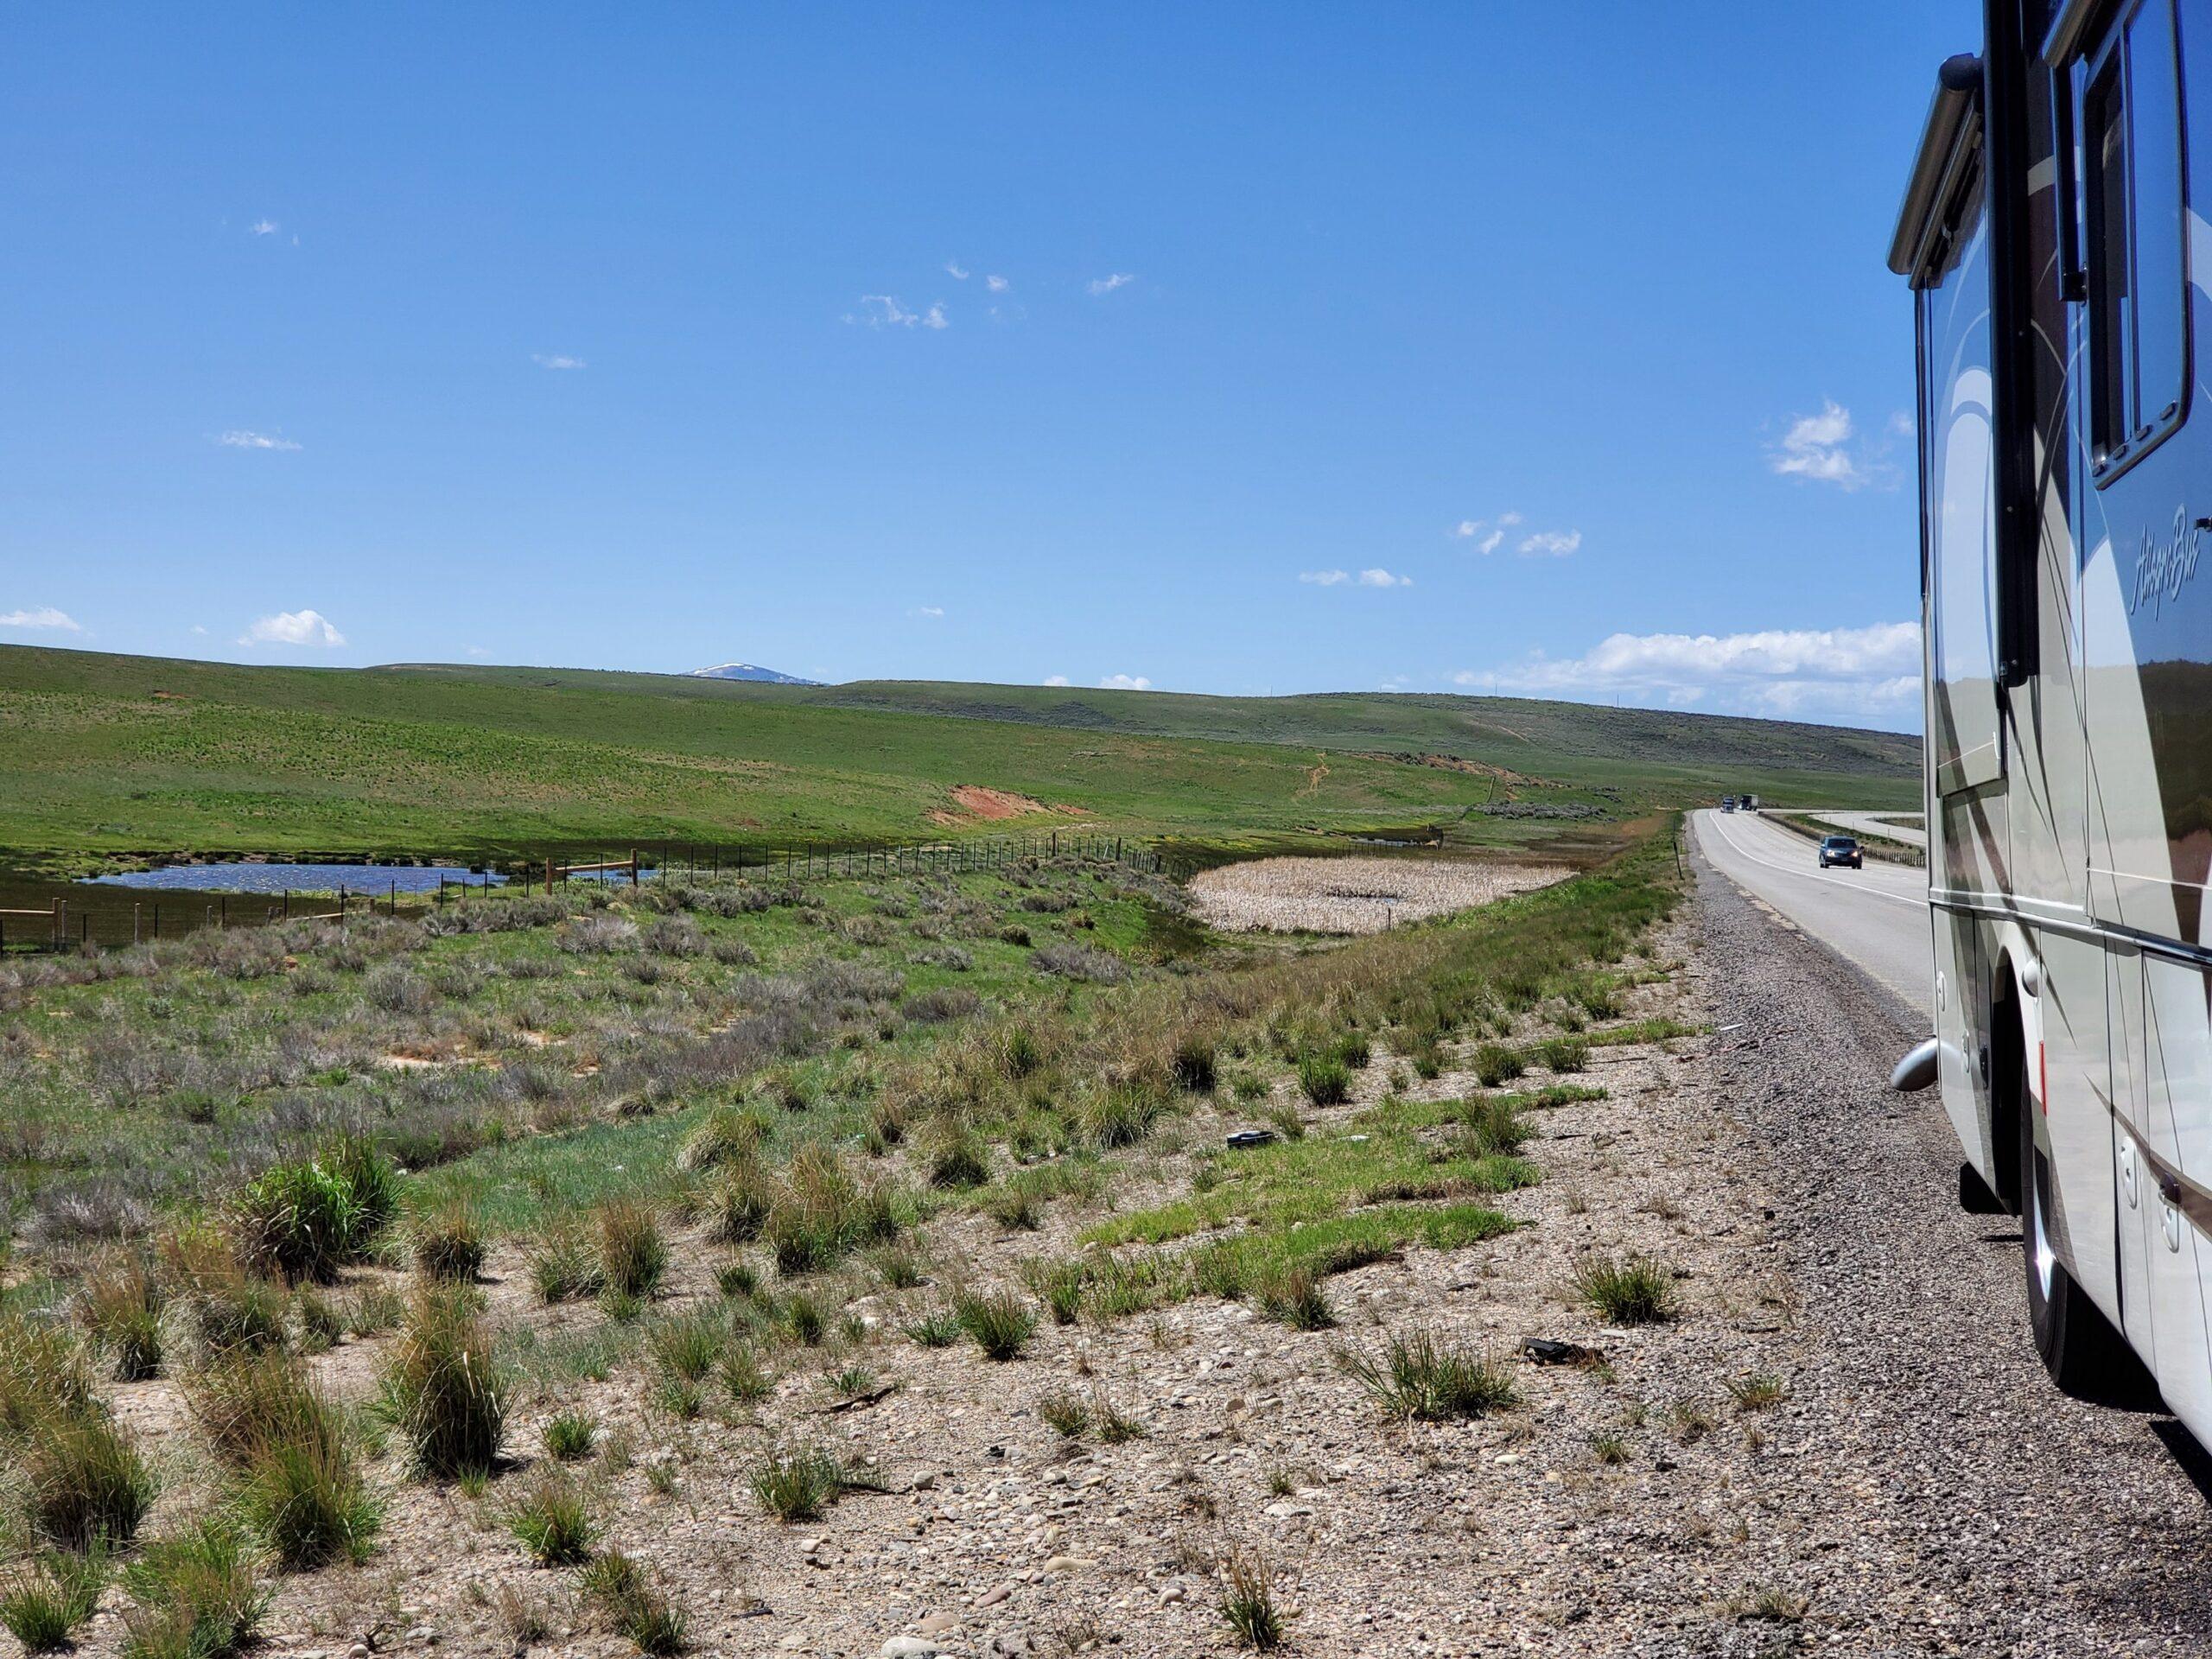 Pond along Hwy 80 Utah